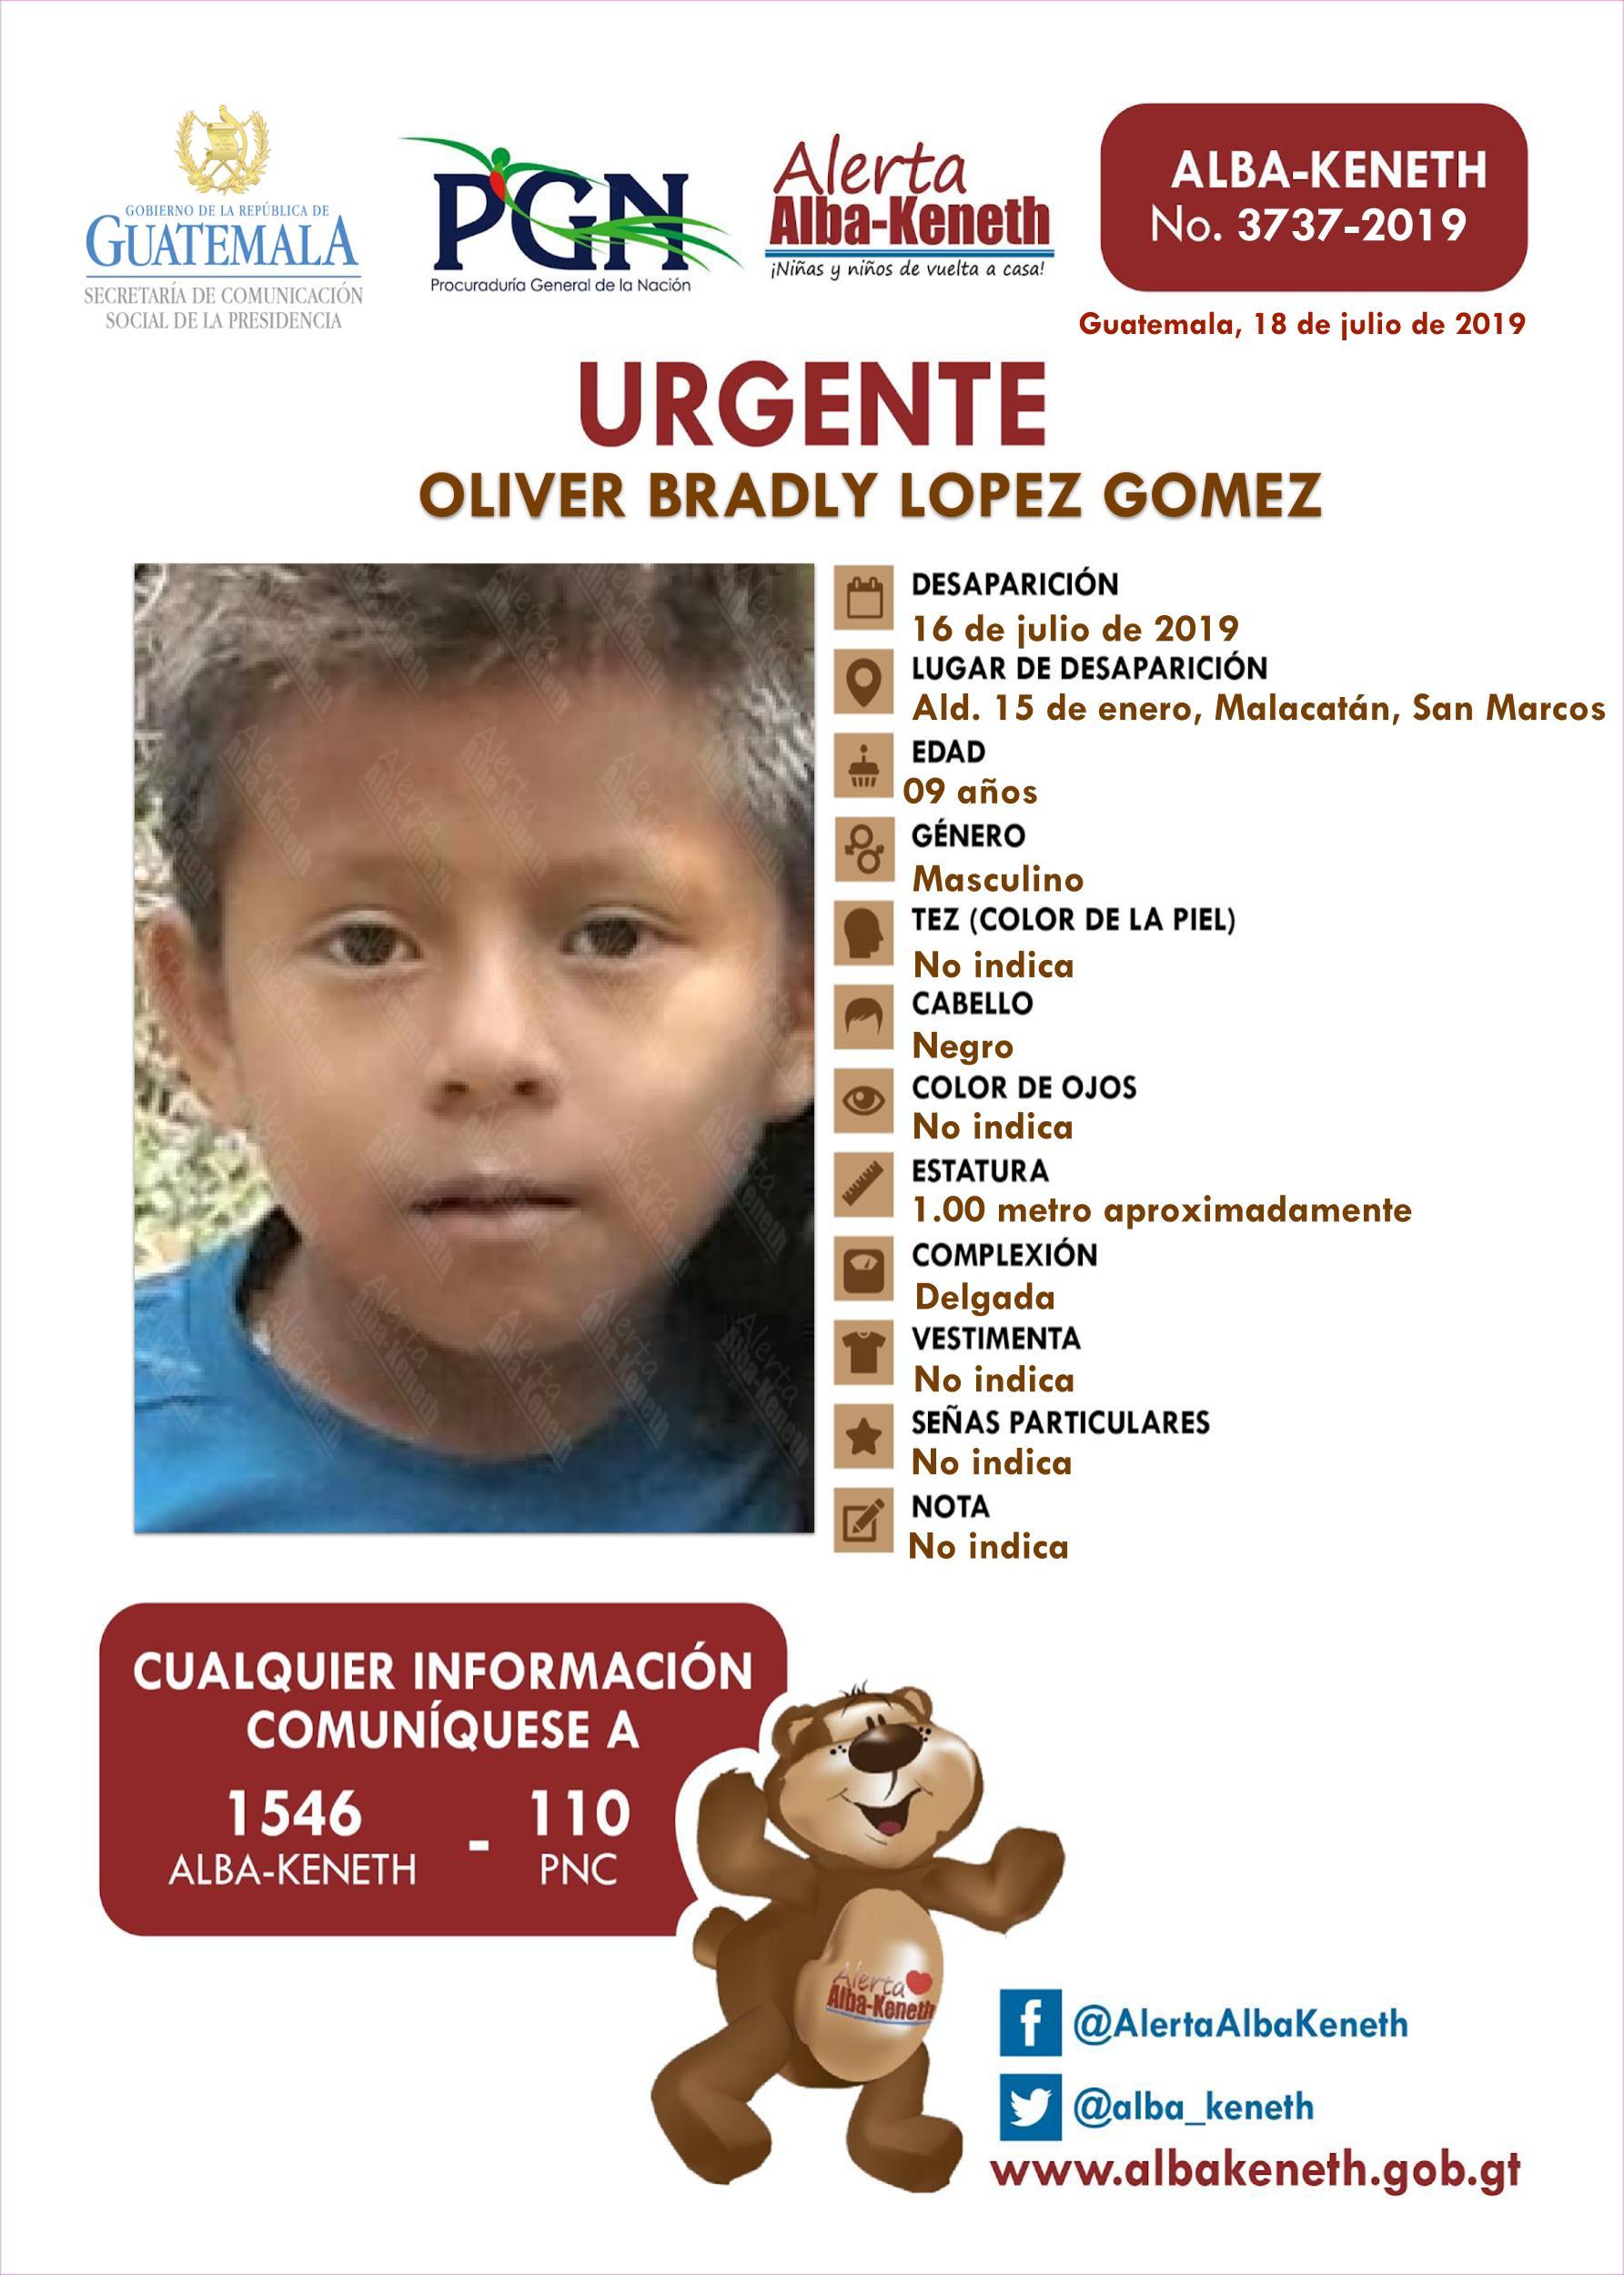 Oliver Bradly Lopez Gomez